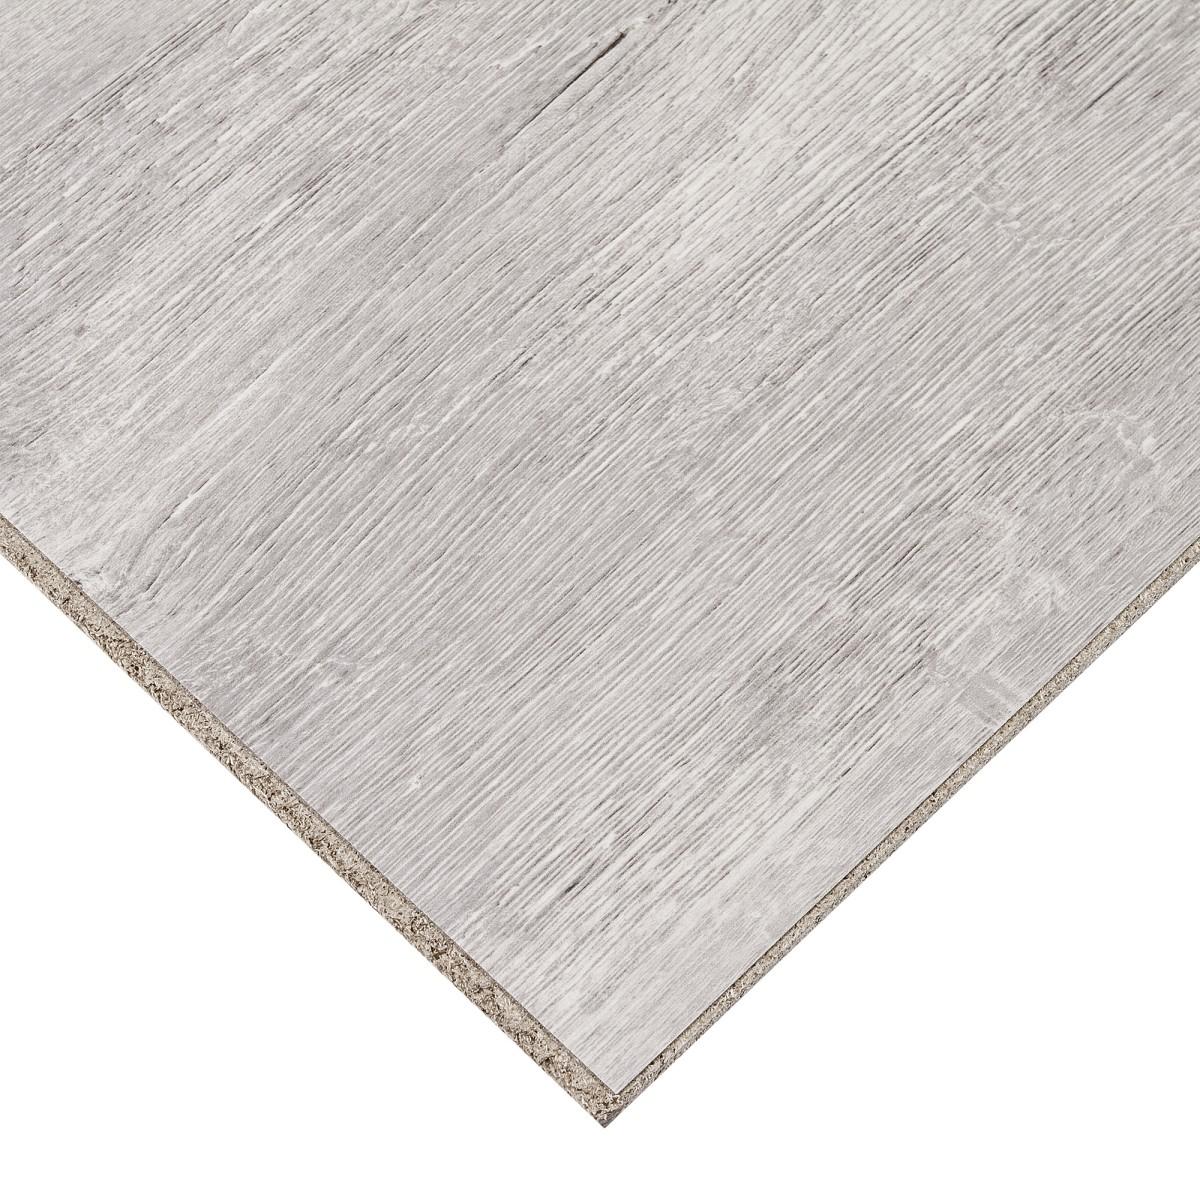 Стеновая панель №3310 305х0.6х65.5 см ЛДСП цвет серый